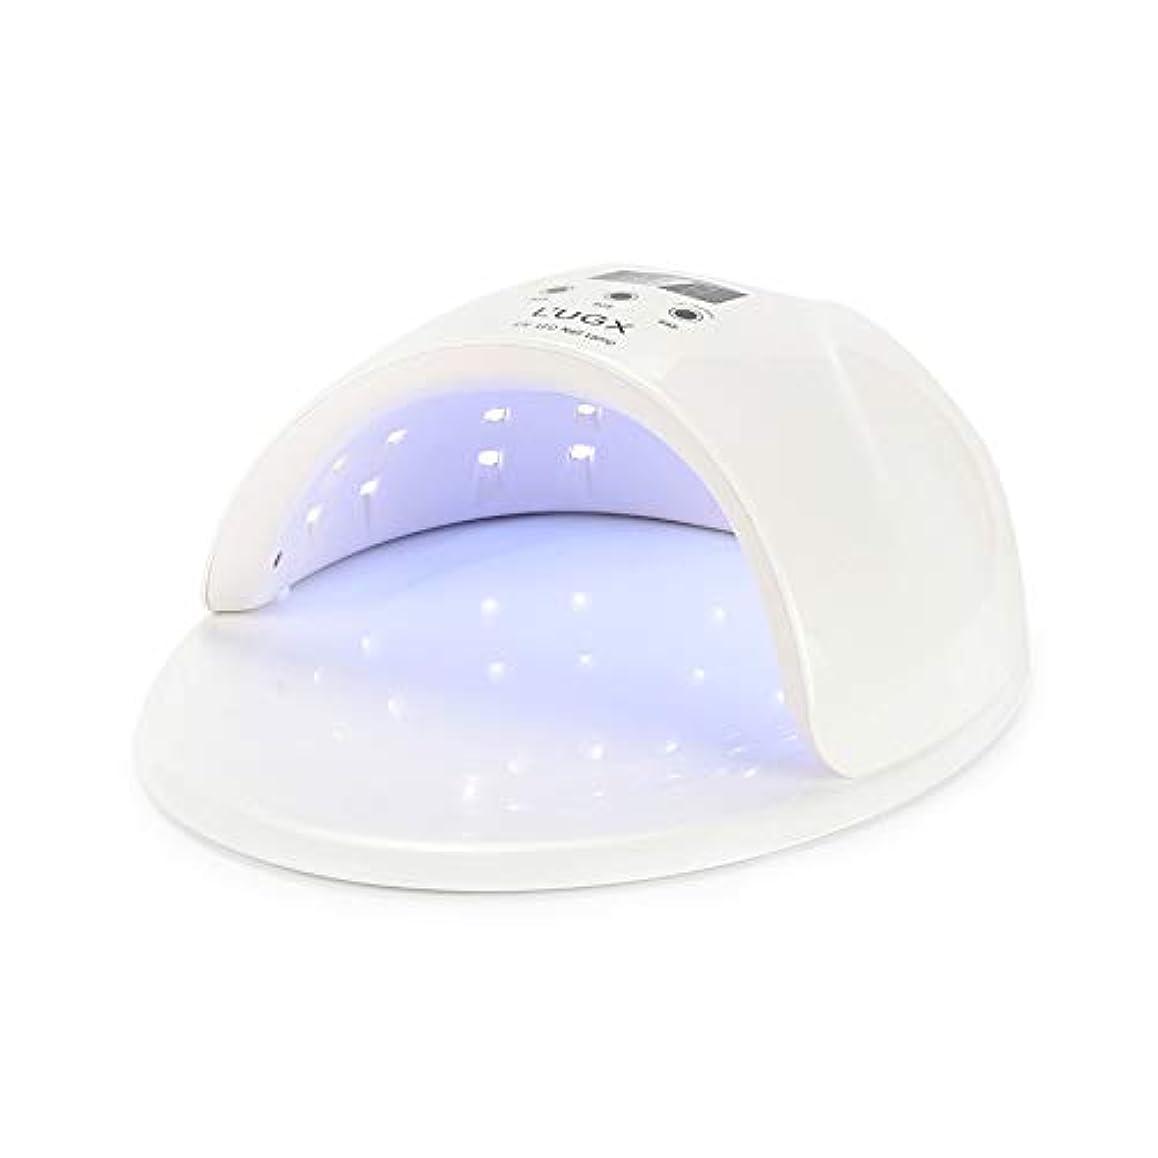 反逆者汚れたうんざりジェルネイルランプ、3タイマー設定付き50W UV LEDジェルネイルドライヤー - ジェルネイルポリッシュランプ